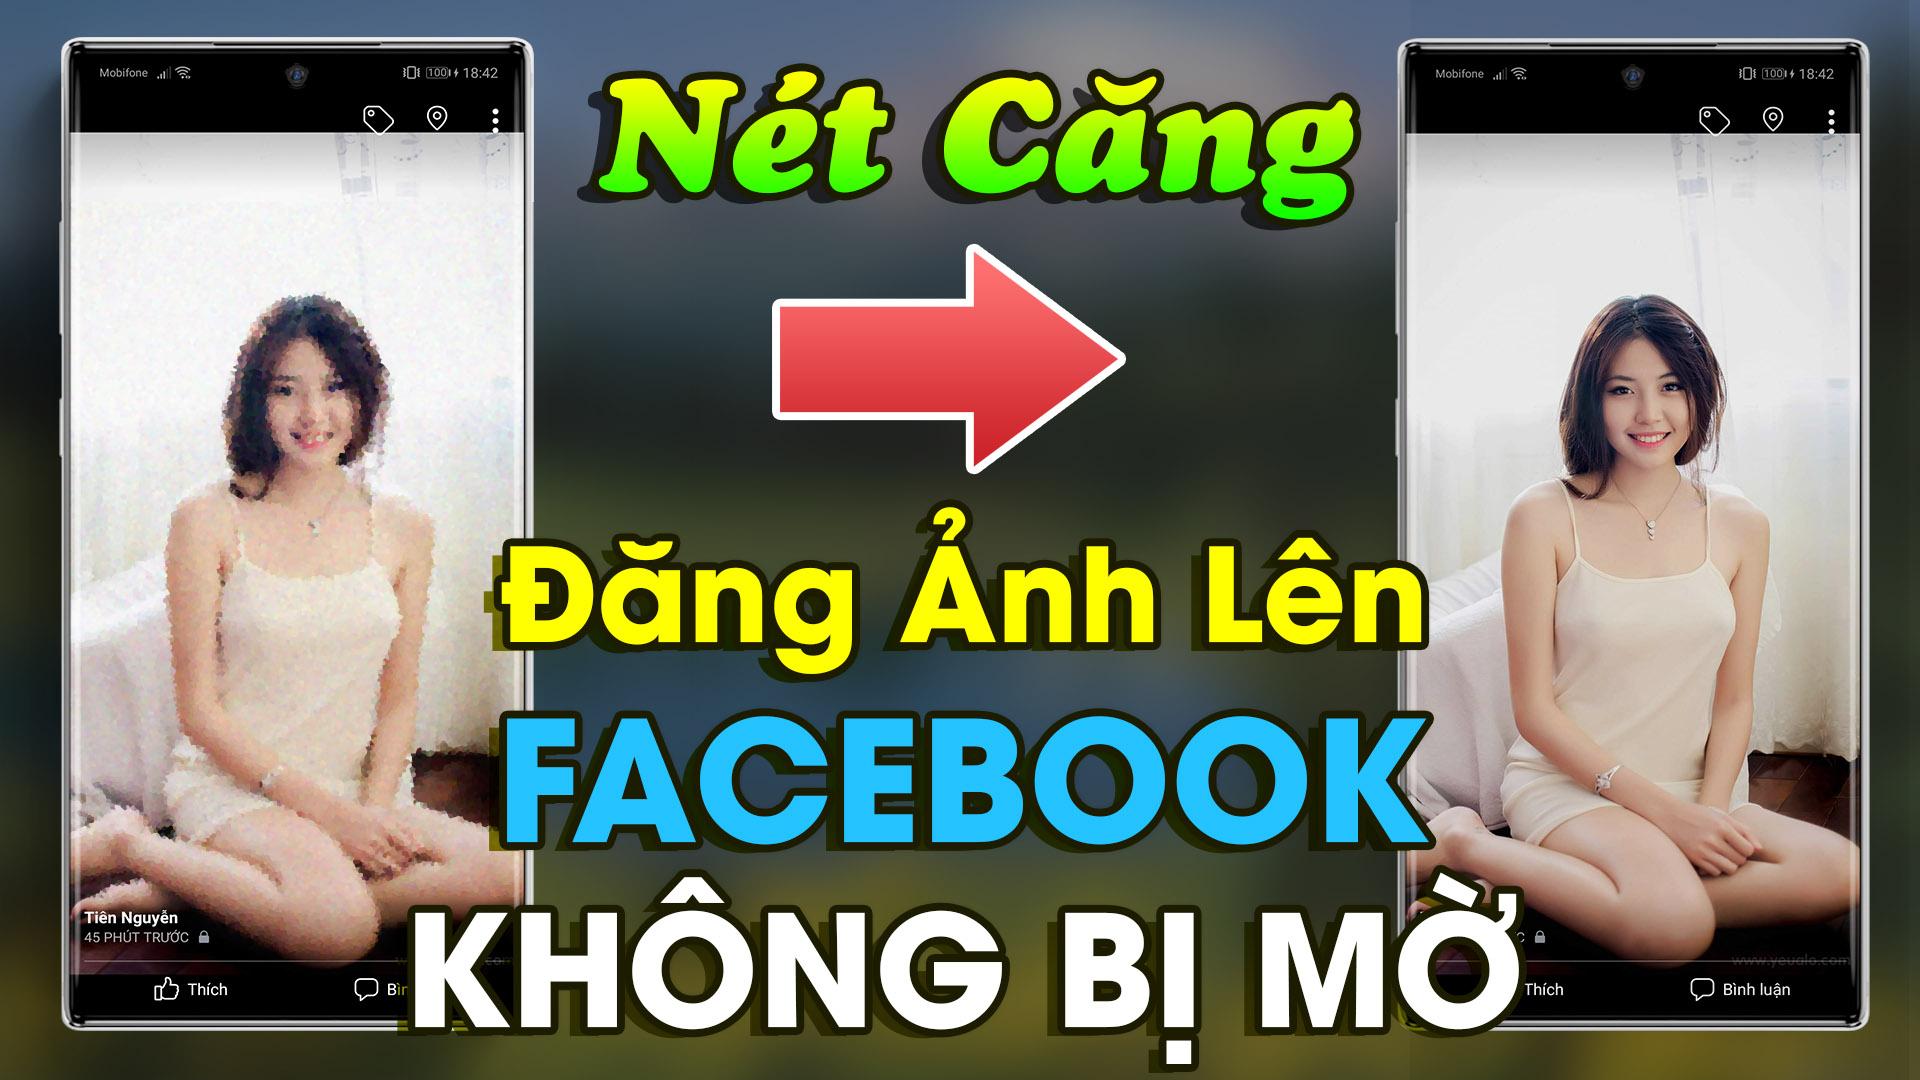 Cách đăng ảnh lên Facebook không bị mờ, không làm giảm chất lượng hình ảnh hiệu quả nhất 2021